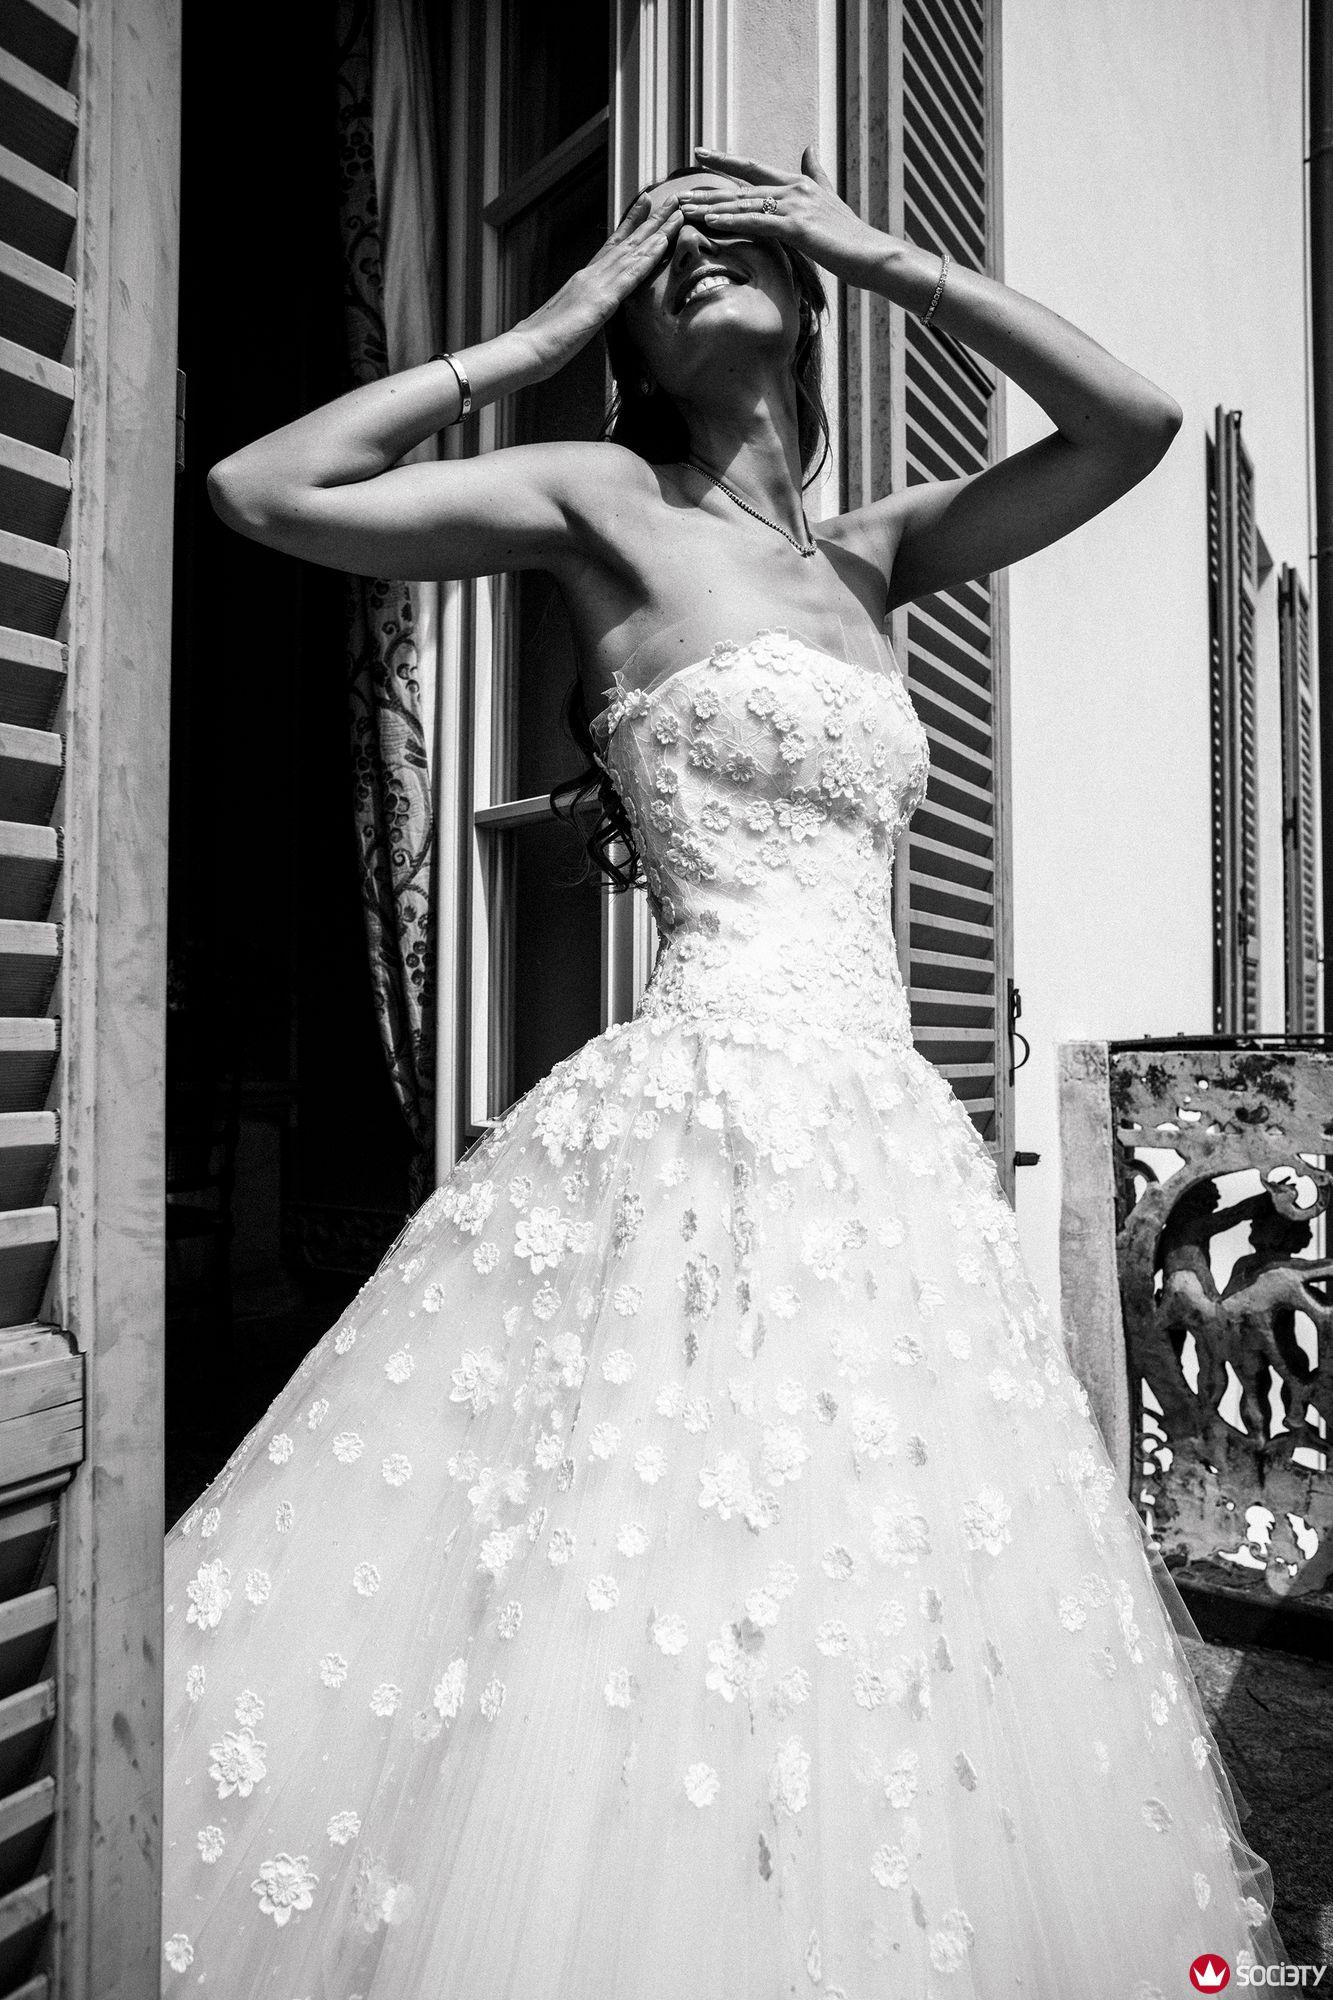 WHITE fashion photographer award photo